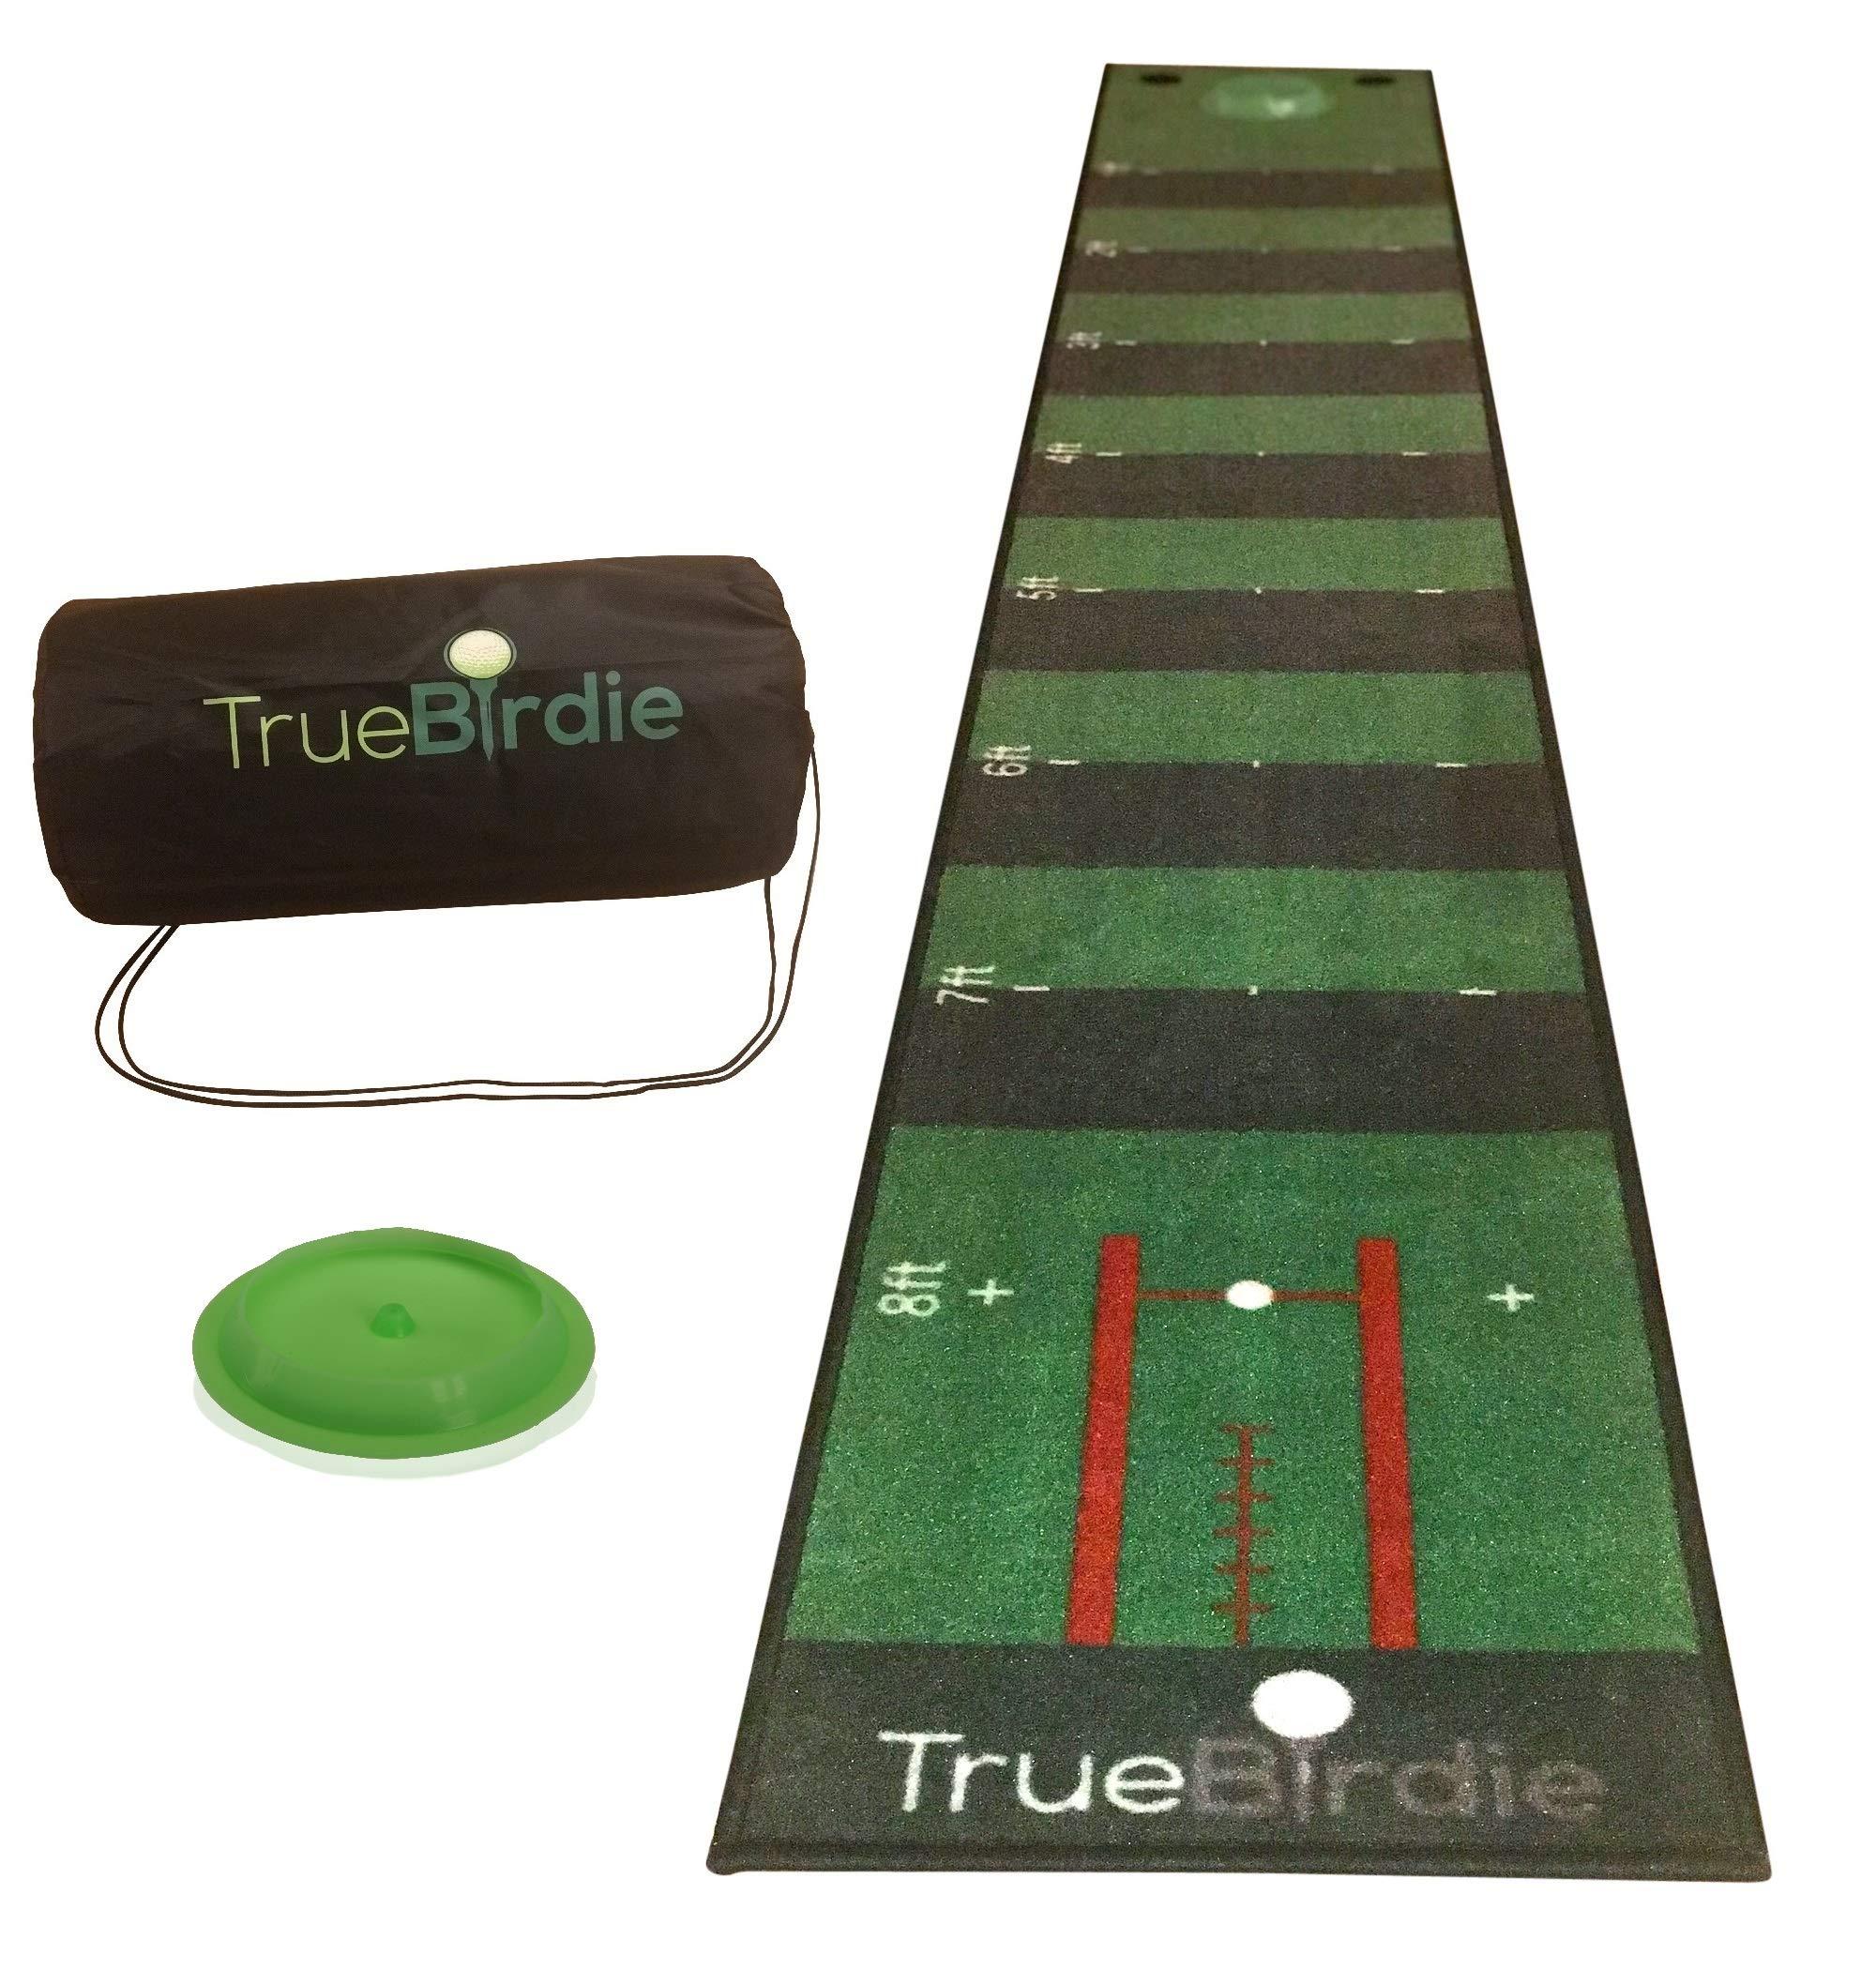 TrueBirdie Indoor Putting Green Travel